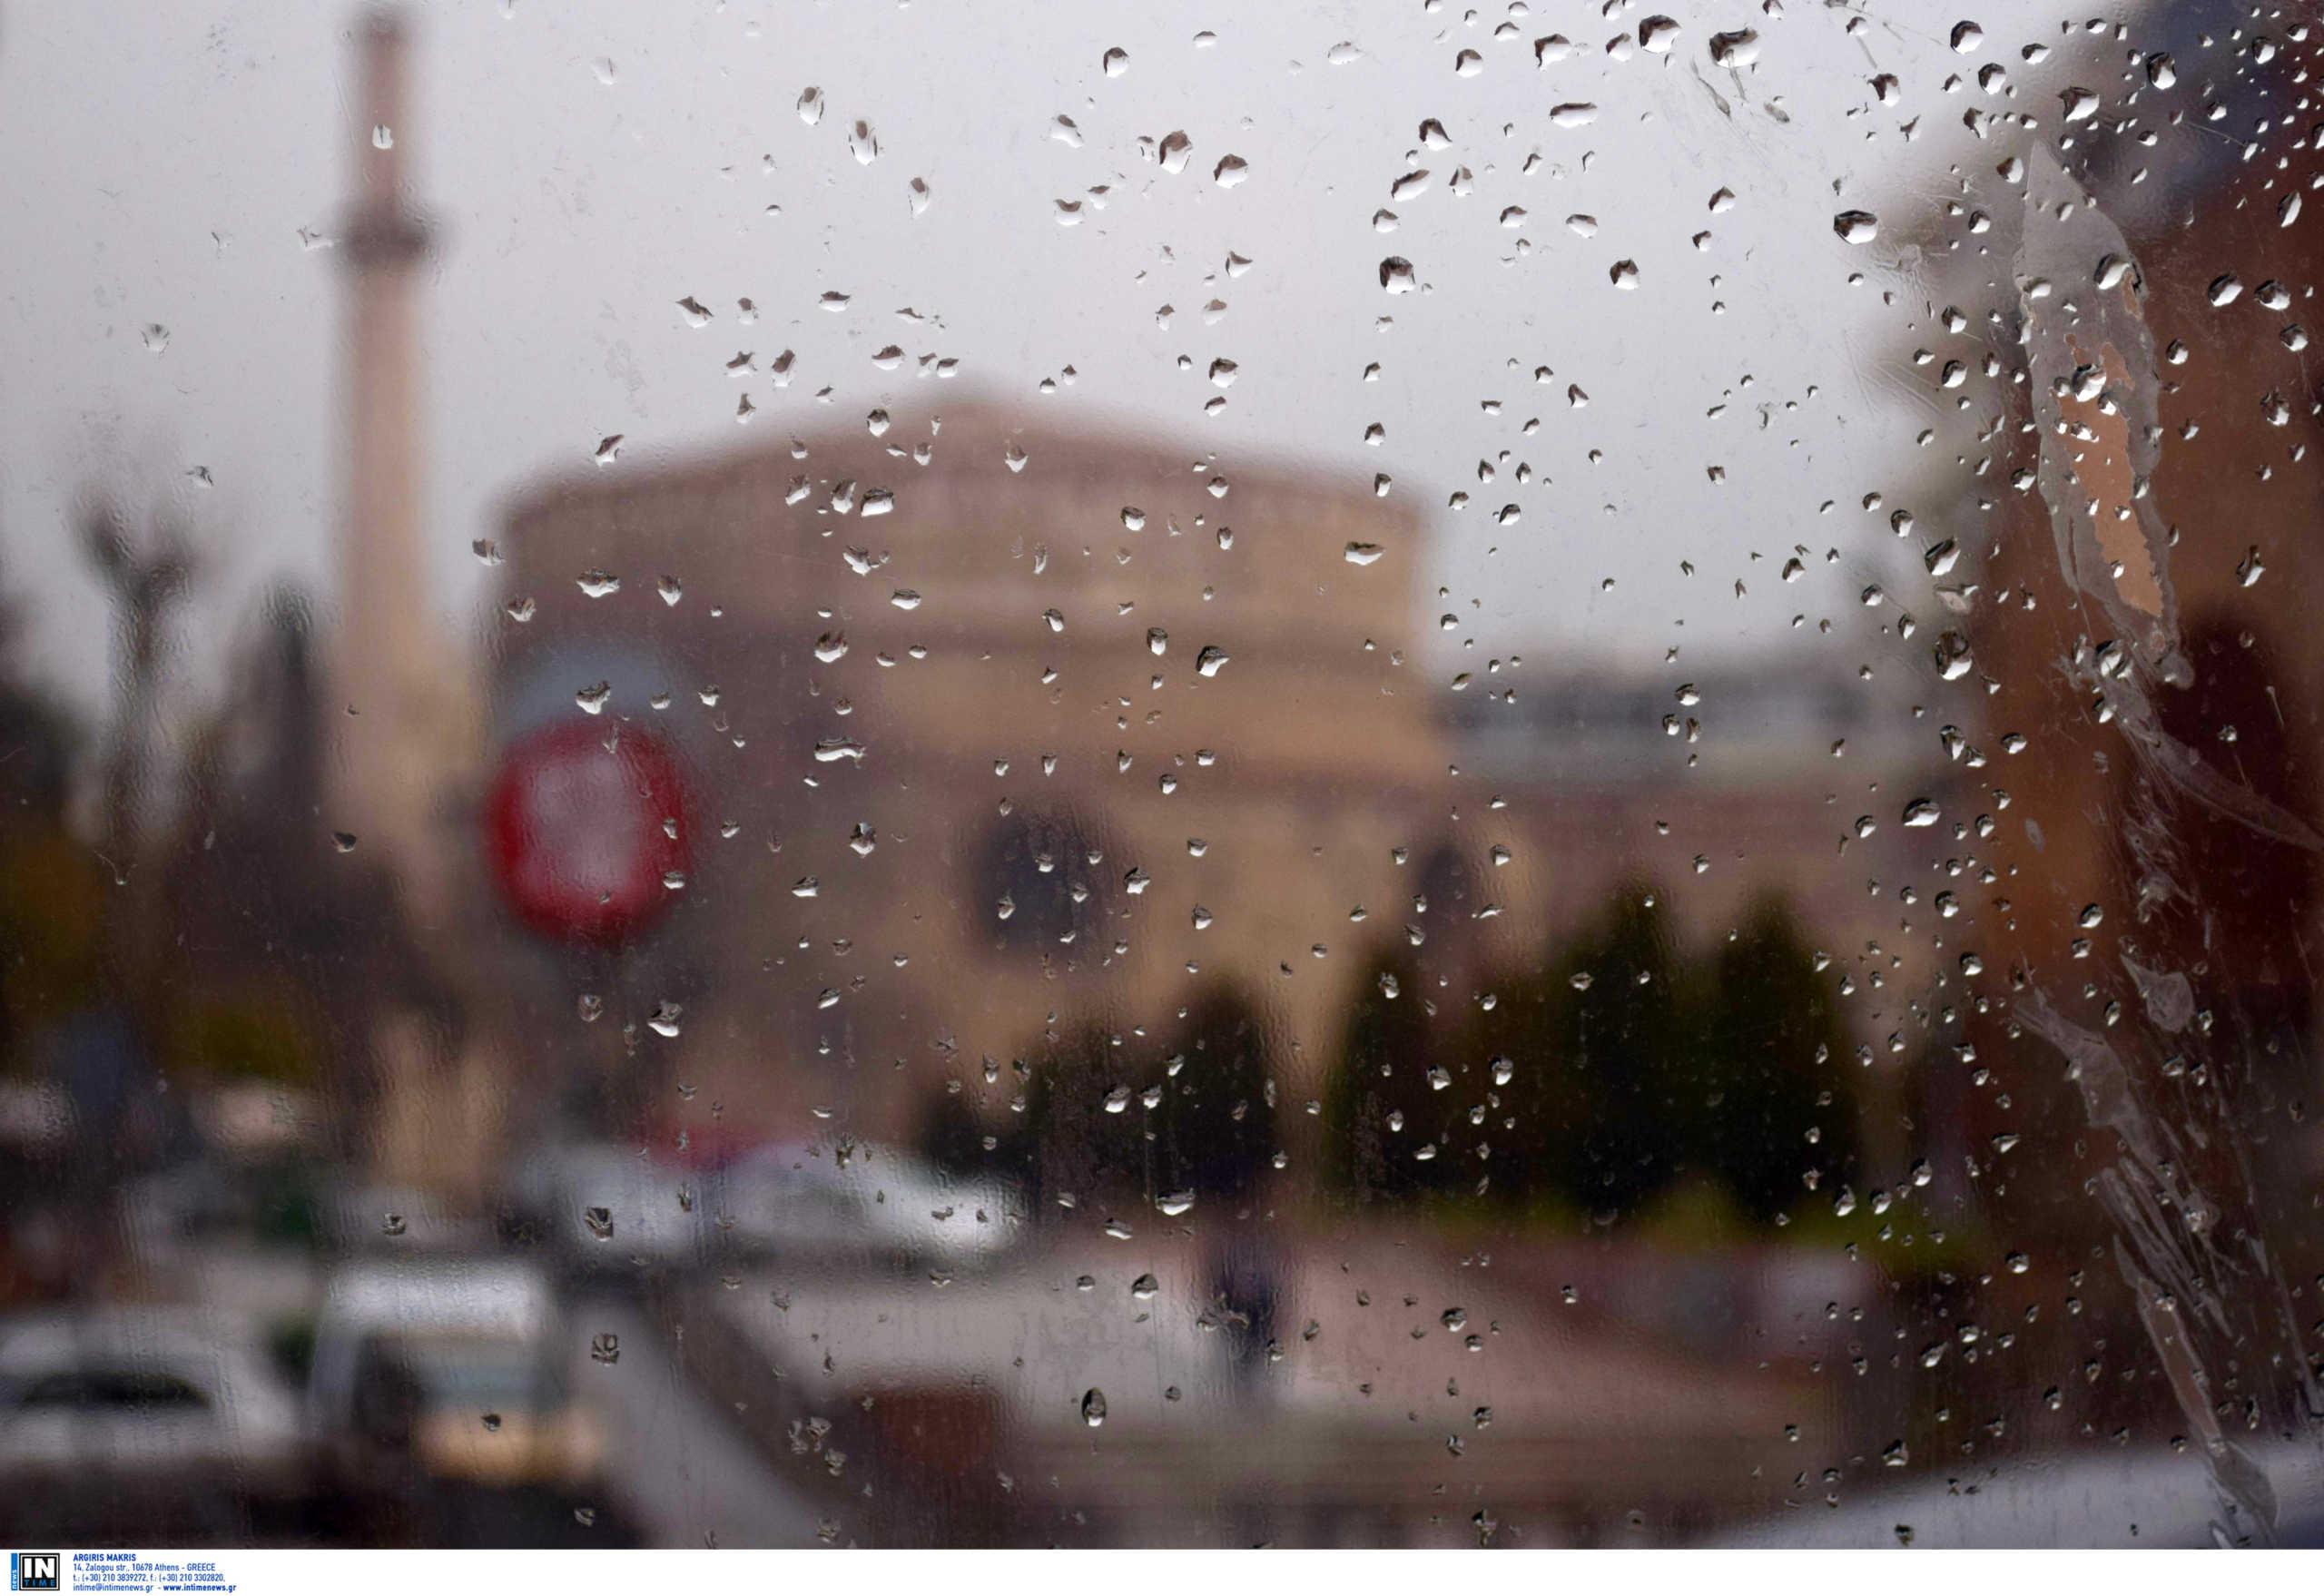 Καιρός σήμερα: Συνεχίζονται οι βροχές και οι καταιγίδες